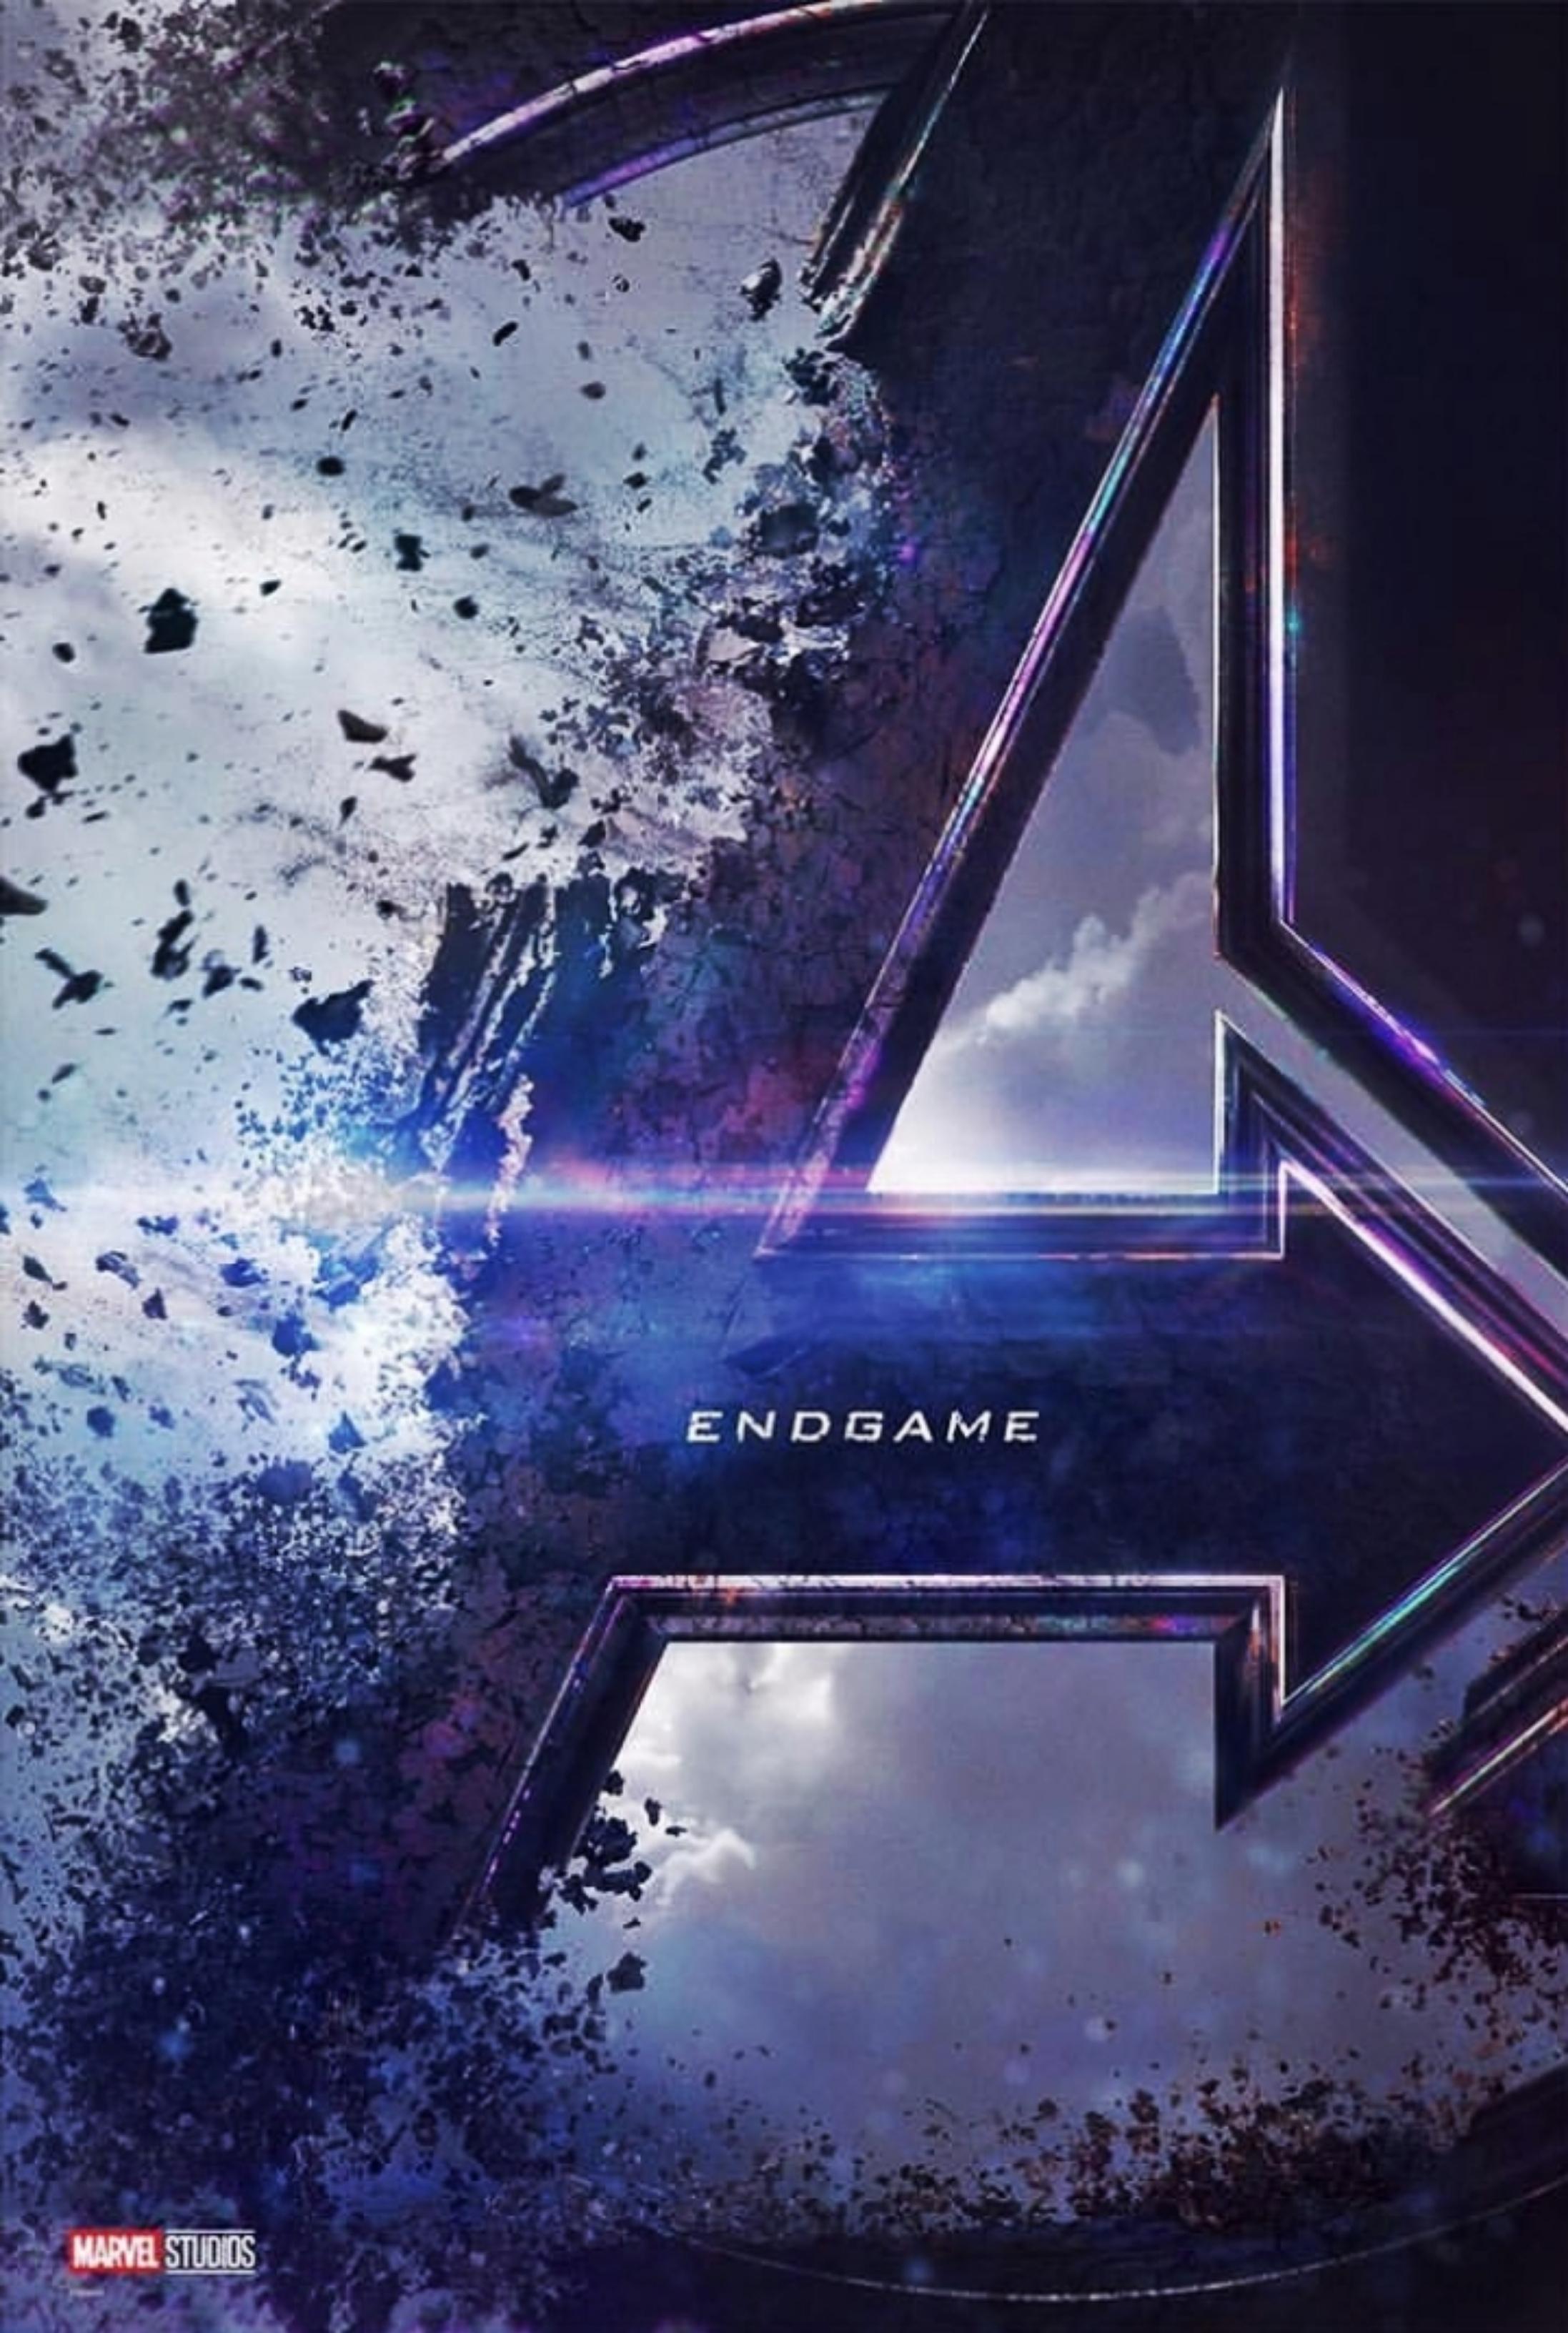 Avengers Endgame In Una Raccolta Tutti I Migliori Sfondi Per